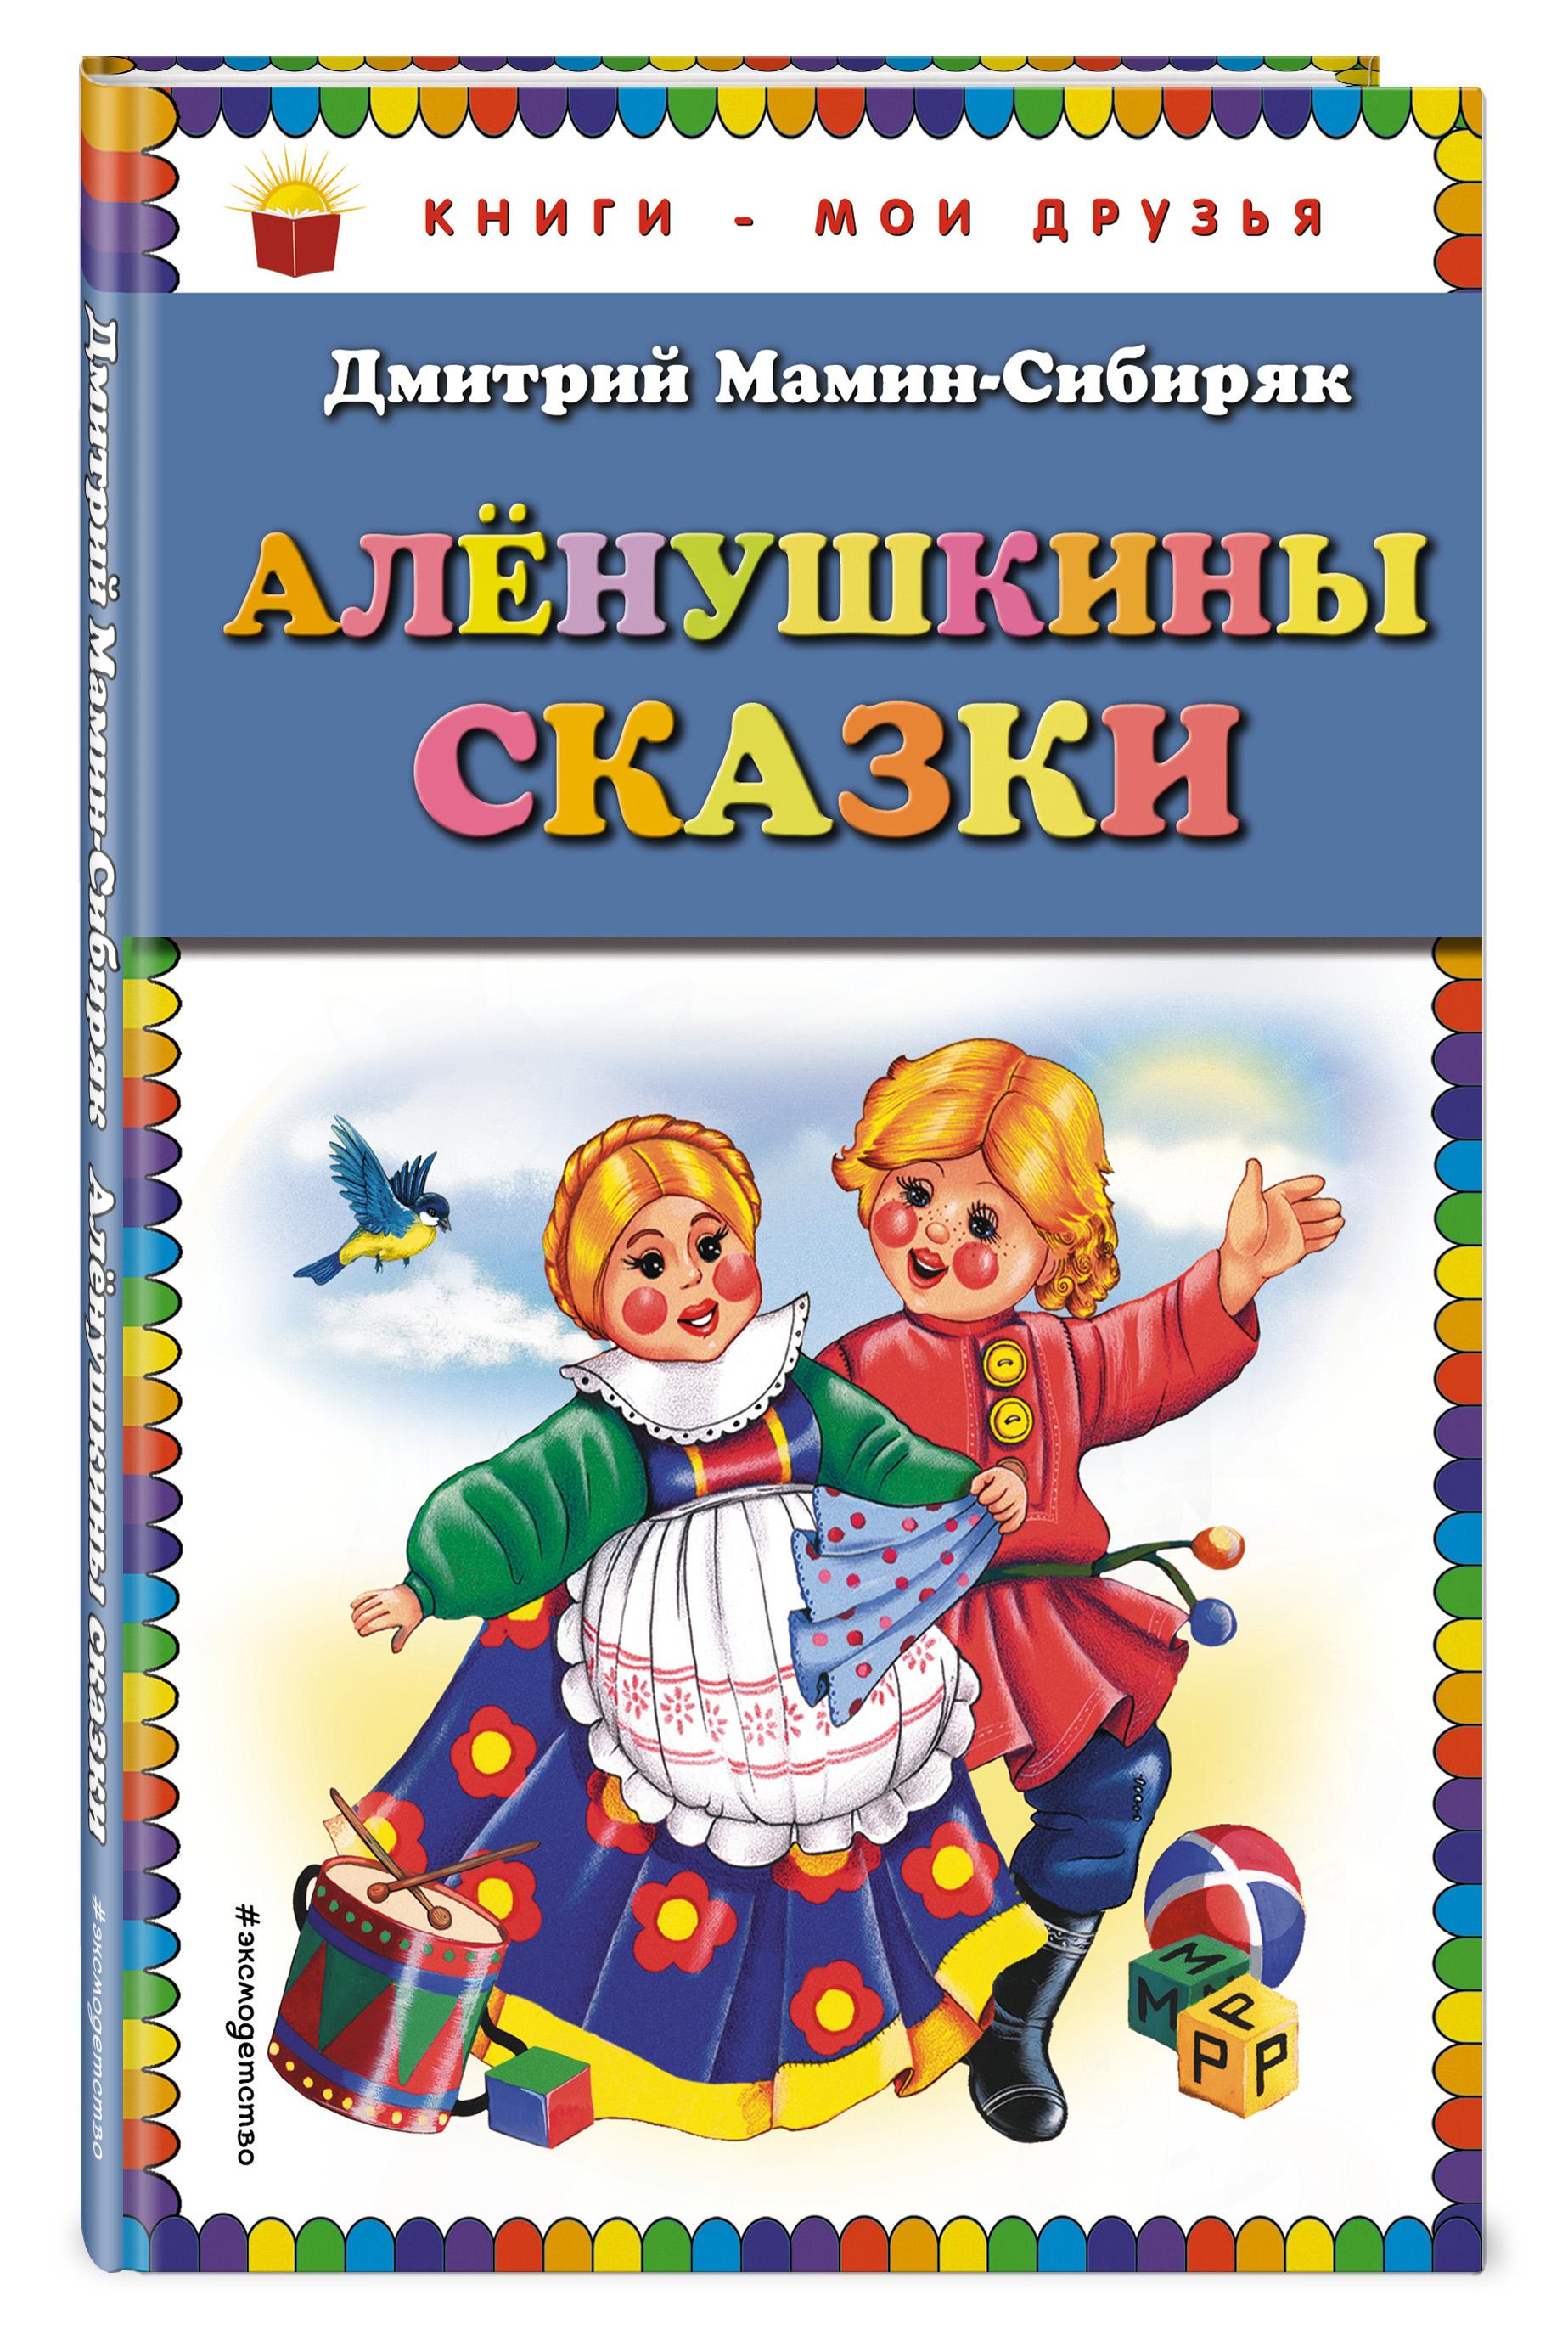 Аленушкины сказки (ил. Ек. и Ел.Здорновых)